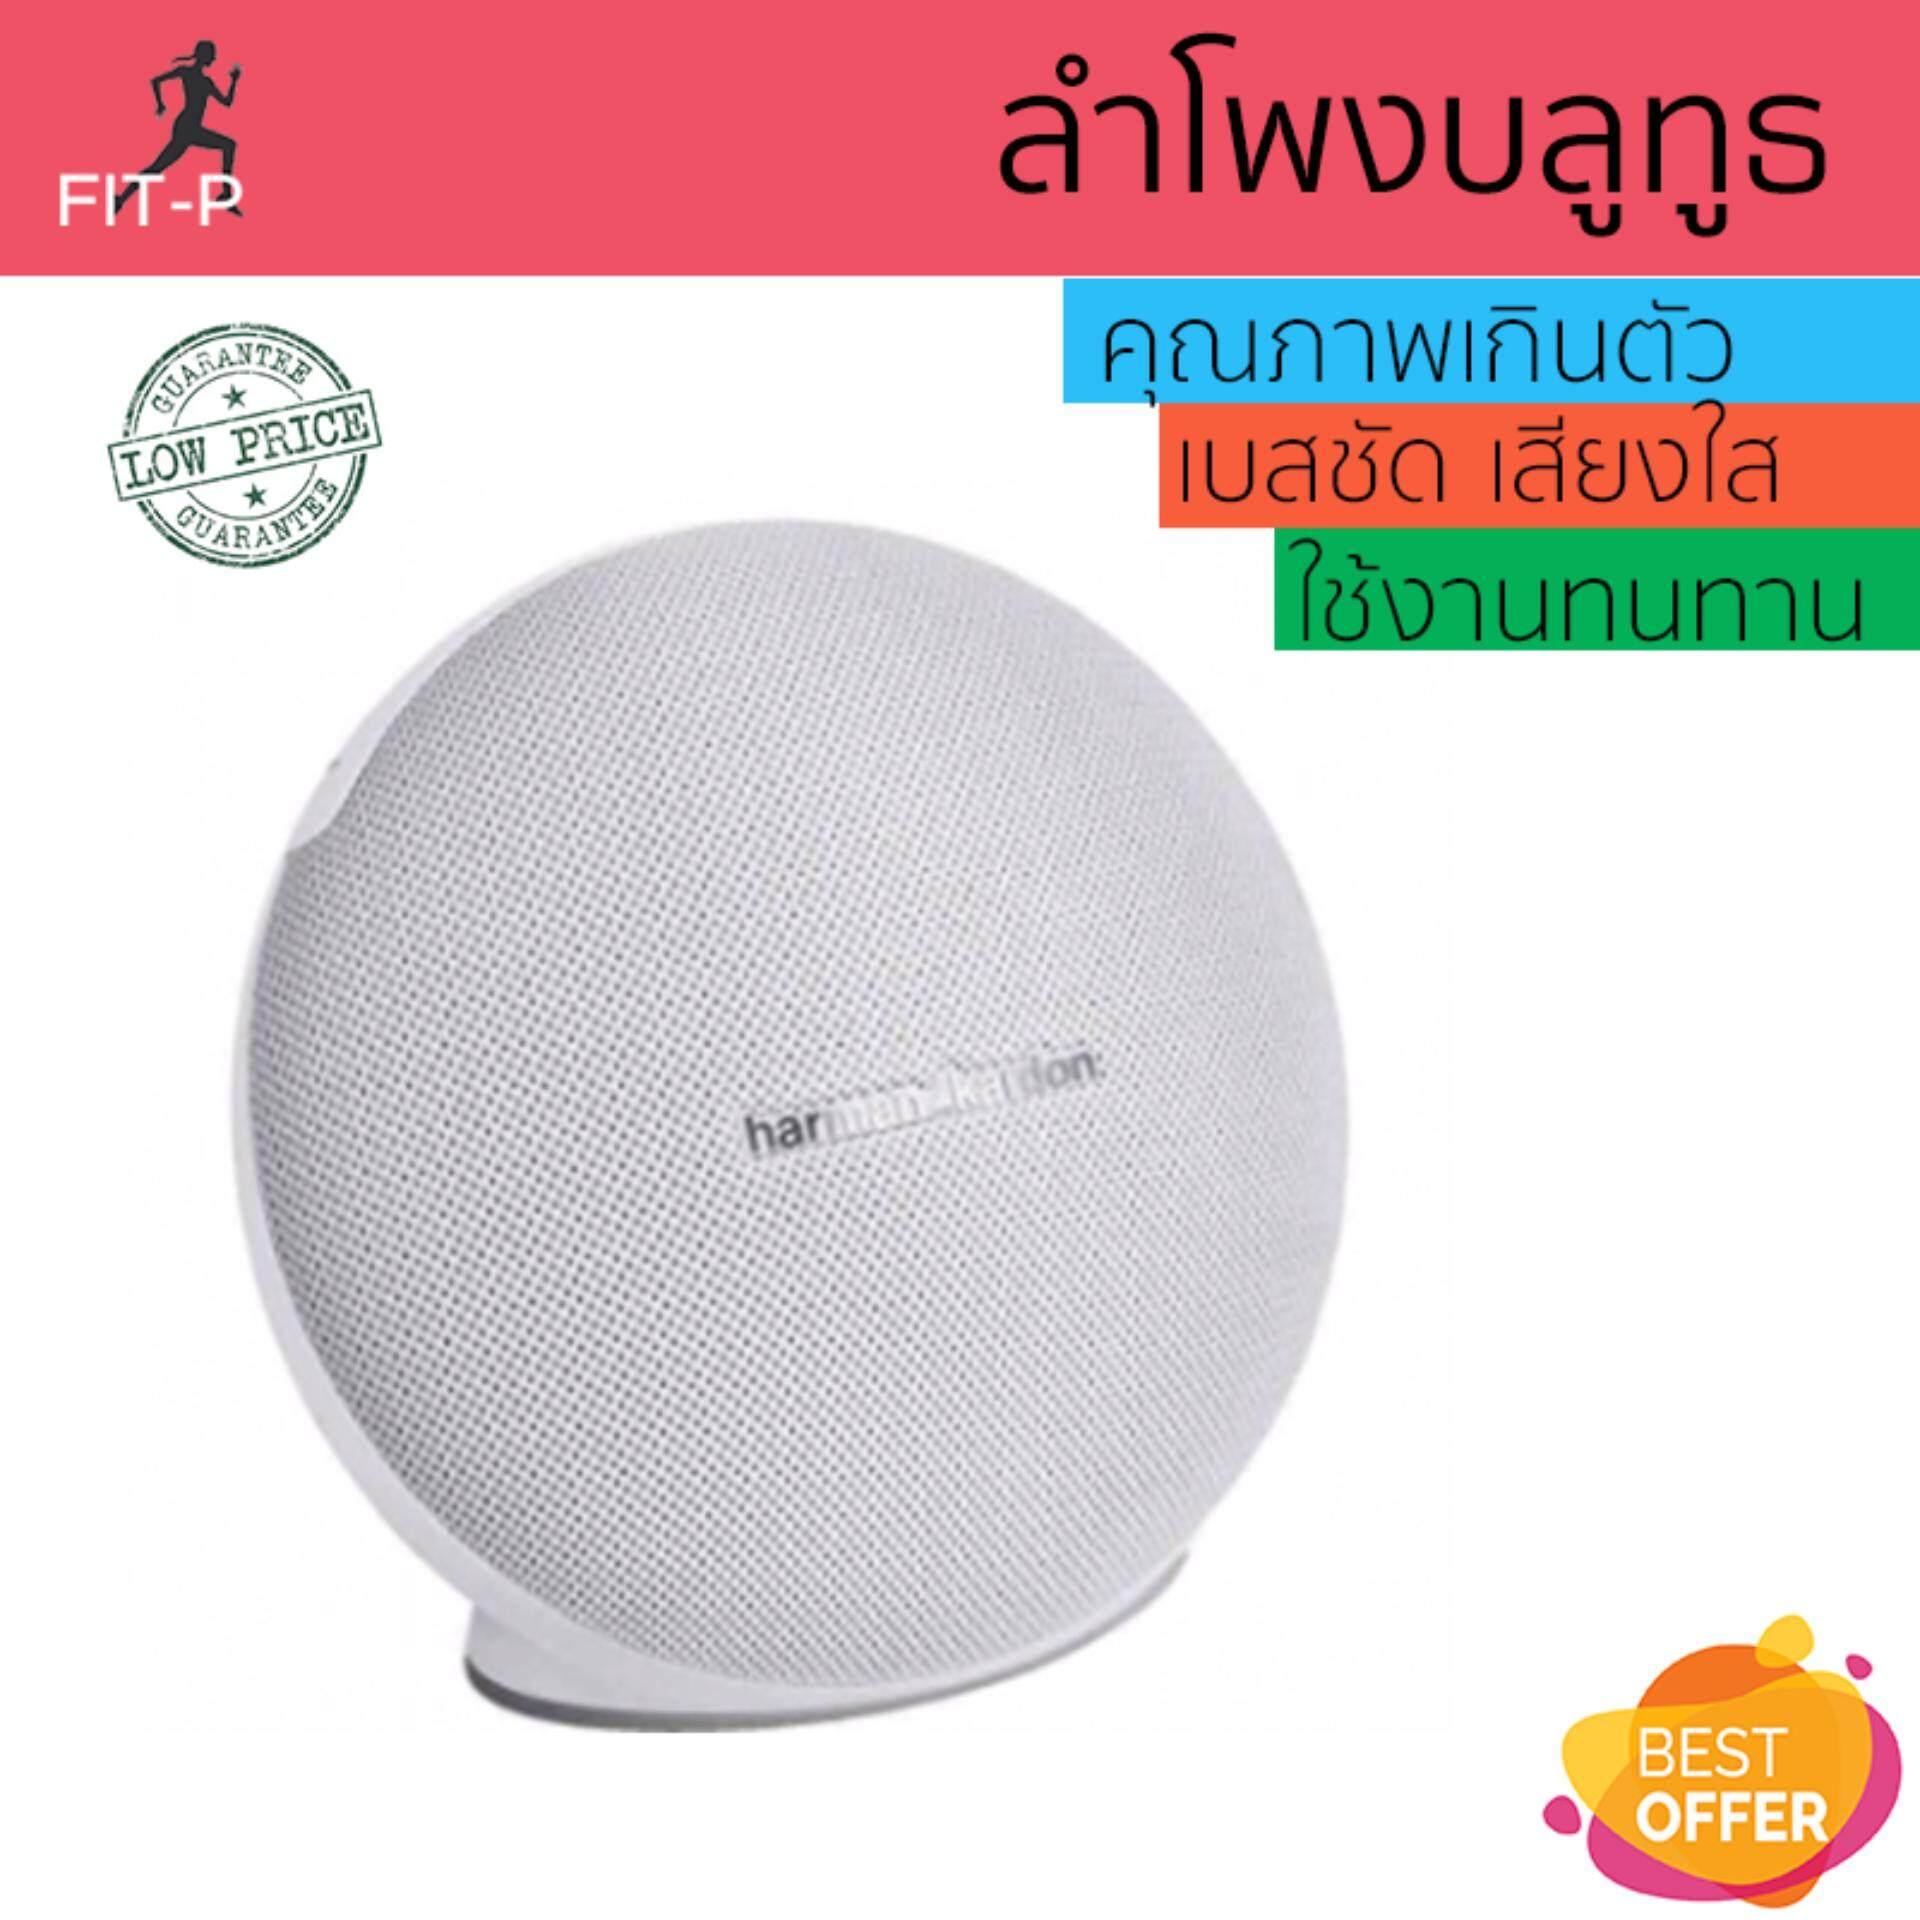 การใช้งาน  พระนครศรีอยุธยา จัดส่งฟรี ลำโพงบลูทูธ  Harman Kardon Bluetooth Speaker 2.1 Onyx Mini White เสียงใส คุณภาพเกินตัว Wireless Bluetooth Speaker รับประกัน 1 ปี